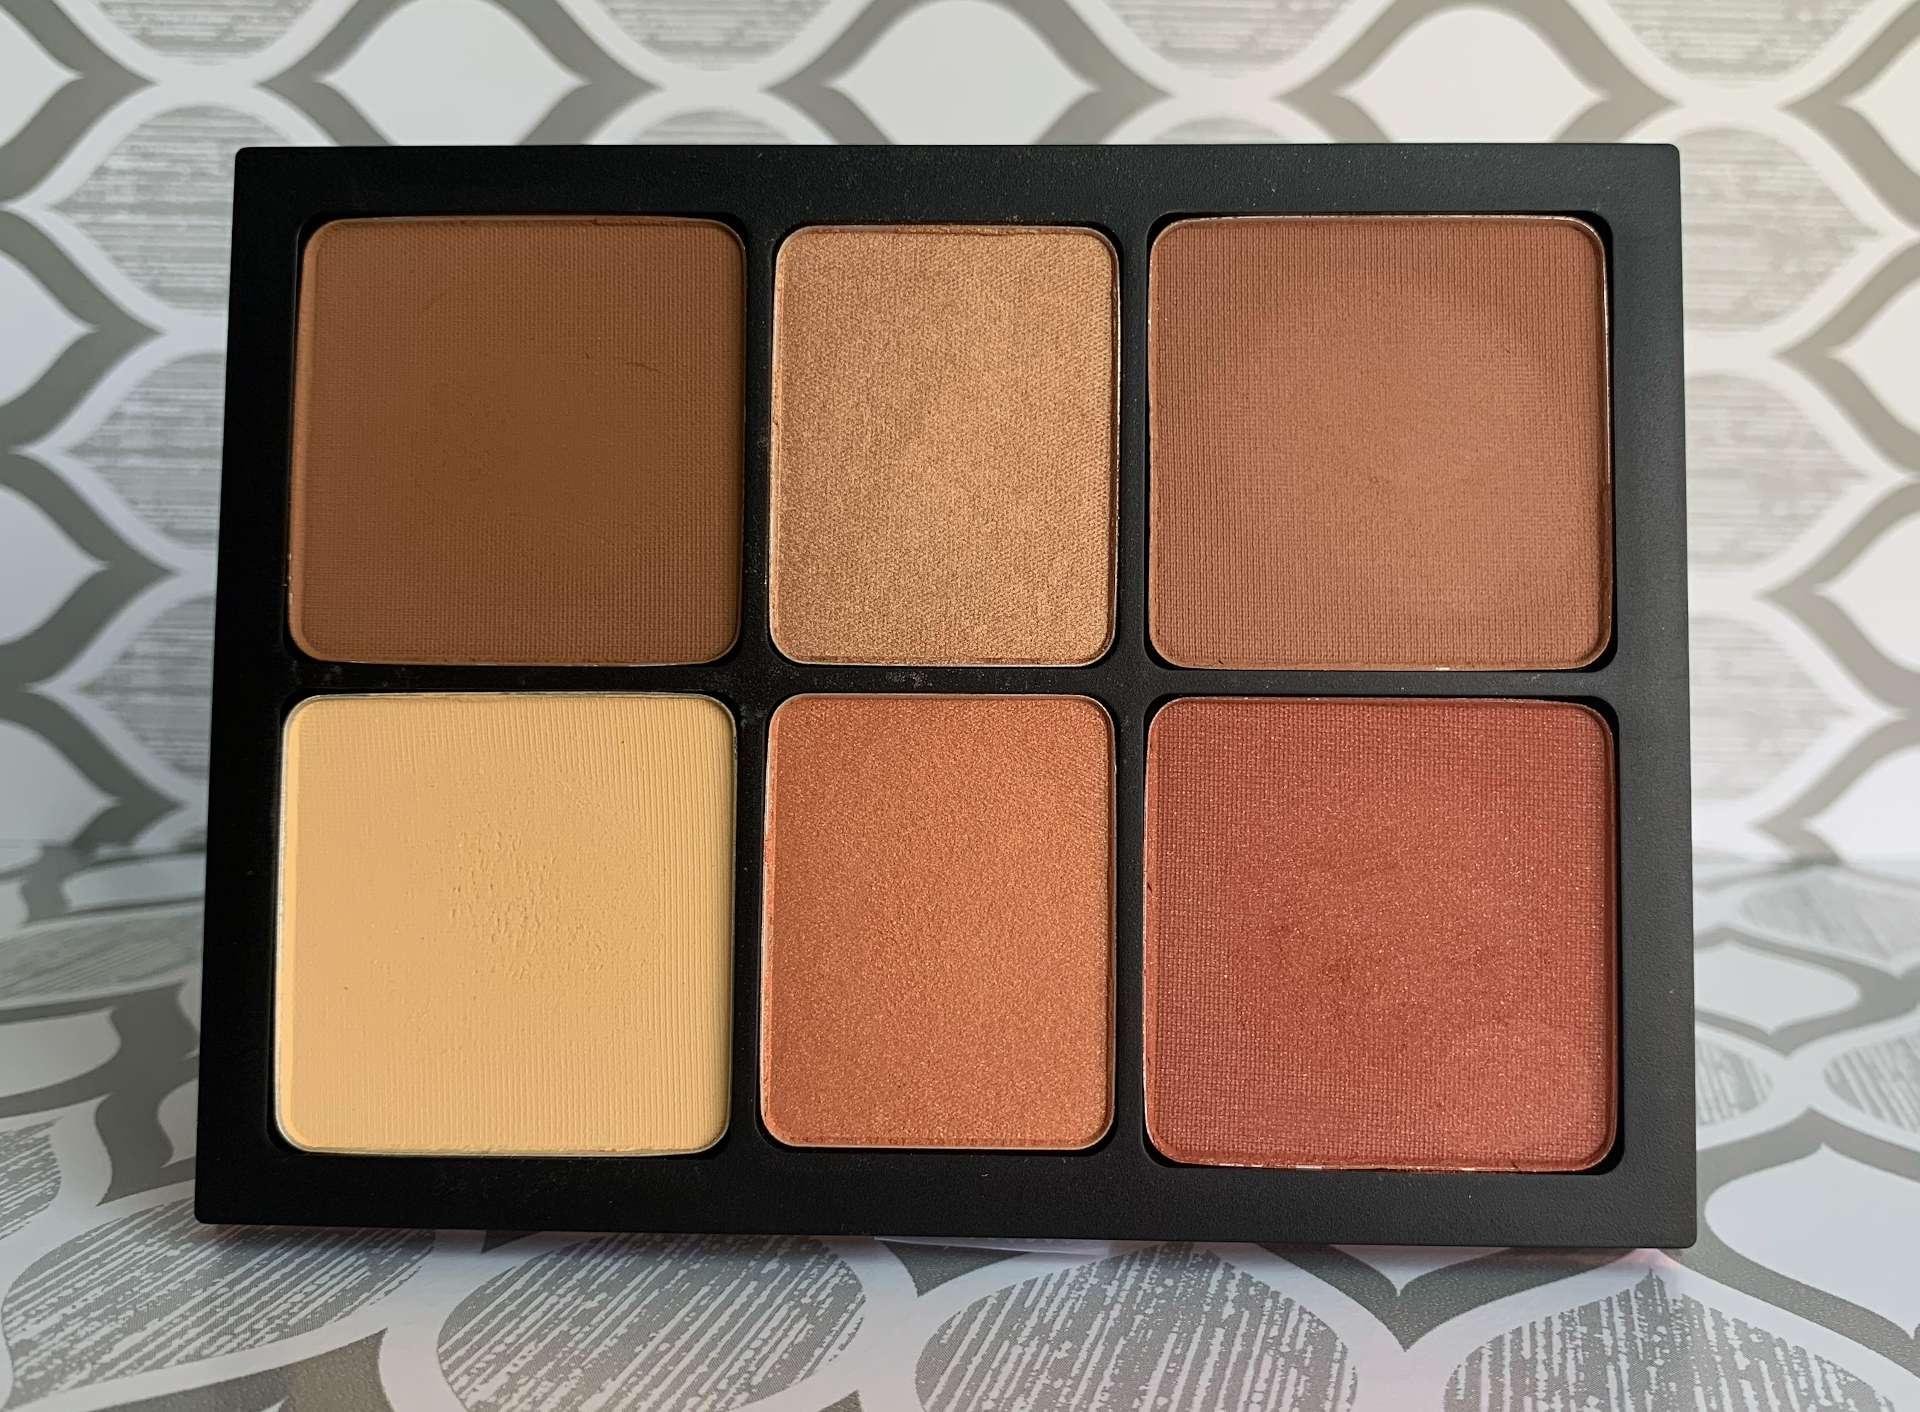 Smashbox Cali Contour Medium-Dark Palette swatches dark skin